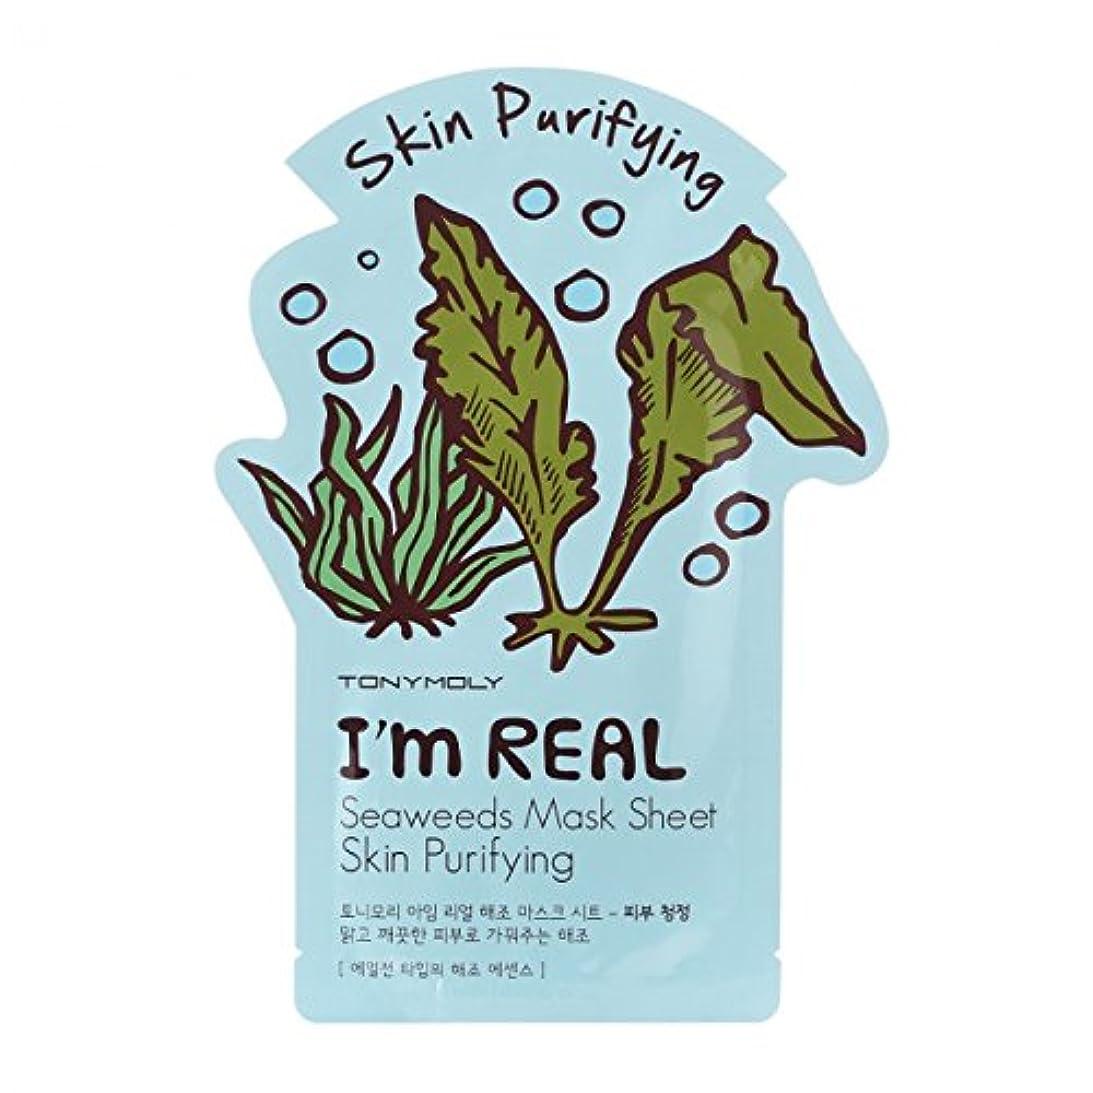 冷えるあらゆる種類の逃げるTONYMOLY I'm Real Seaweeds Mask Sheet Skin Purifying (並行輸入品)